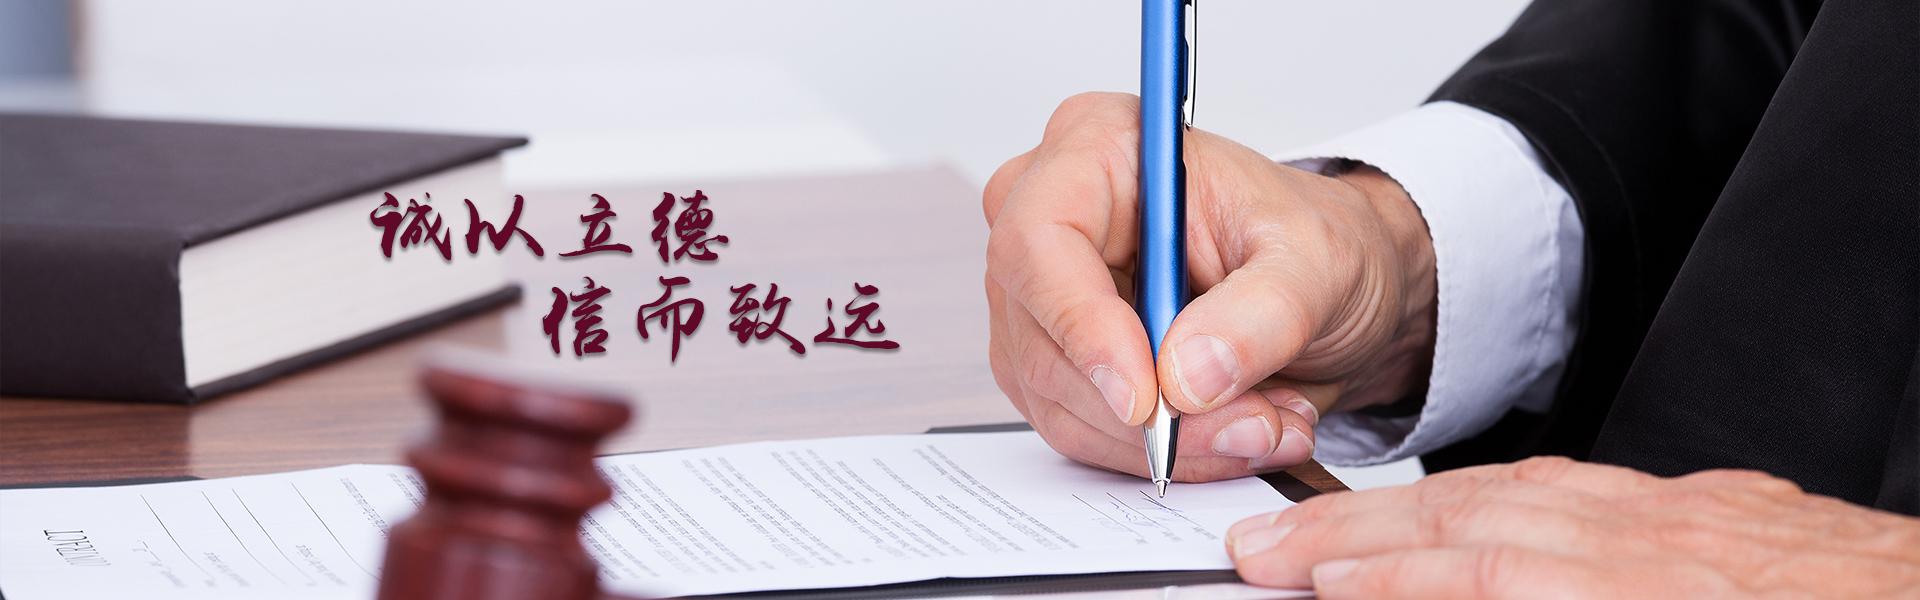 惠州广诚会计服务有限公司